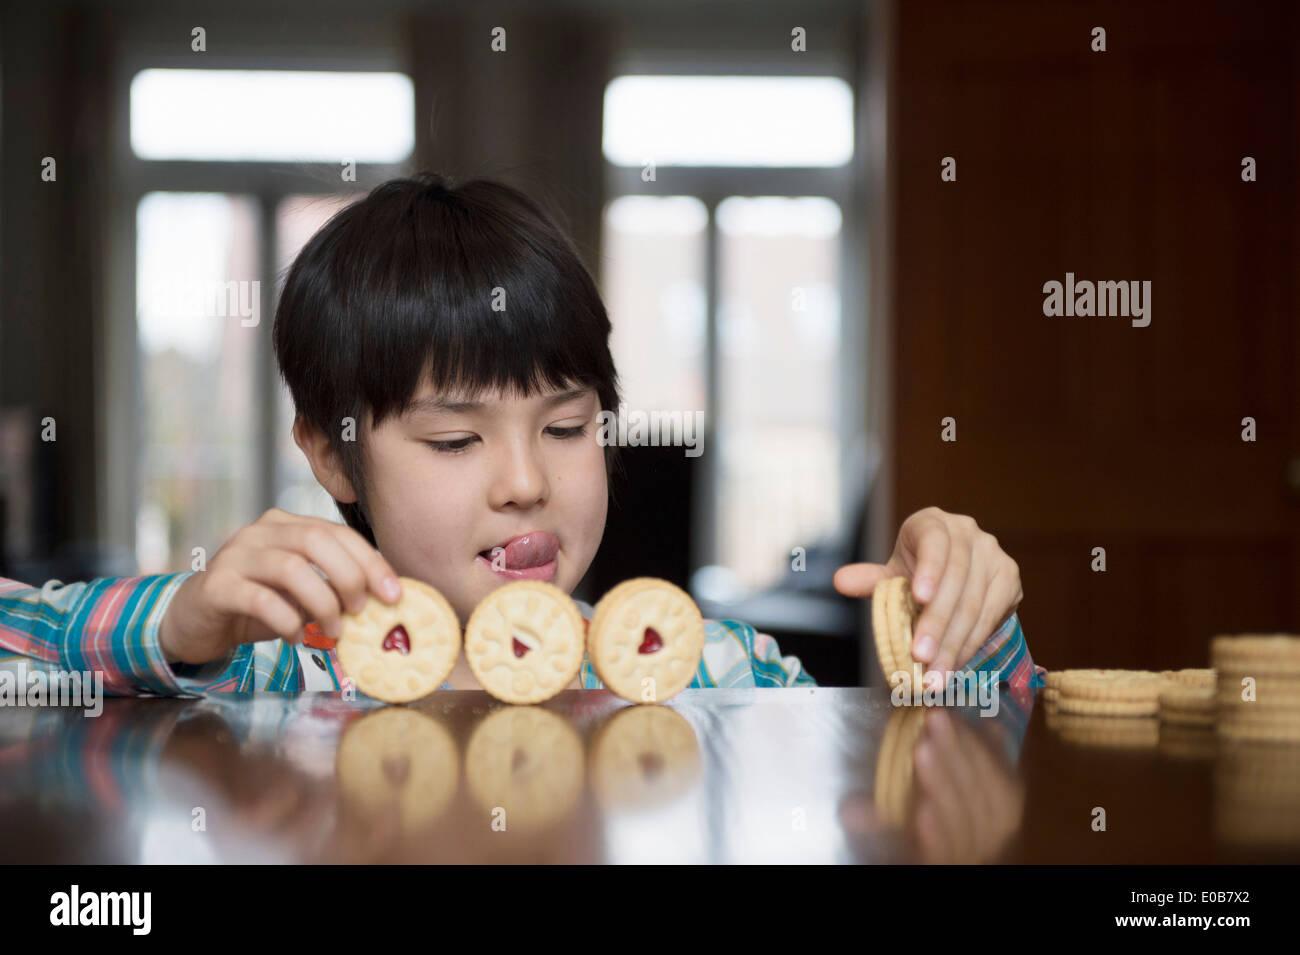 Ragazzo giocando con biscotti Immagini Stock